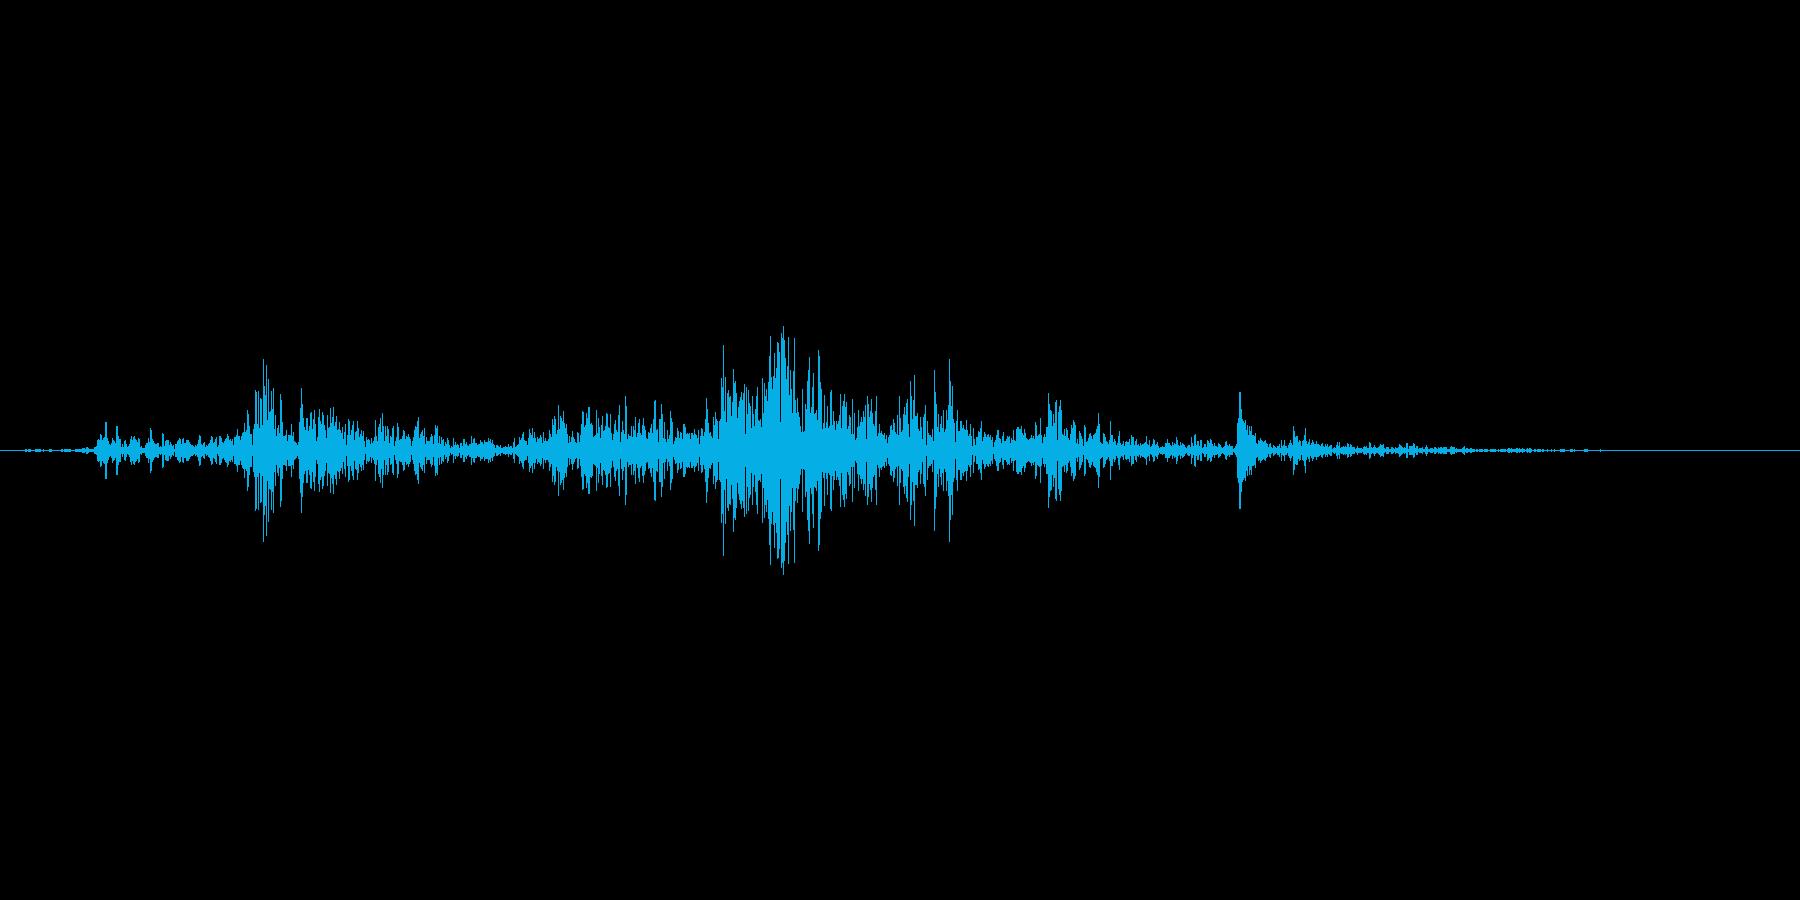 ペットボトル内の水分がバシャンという音の再生済みの波形